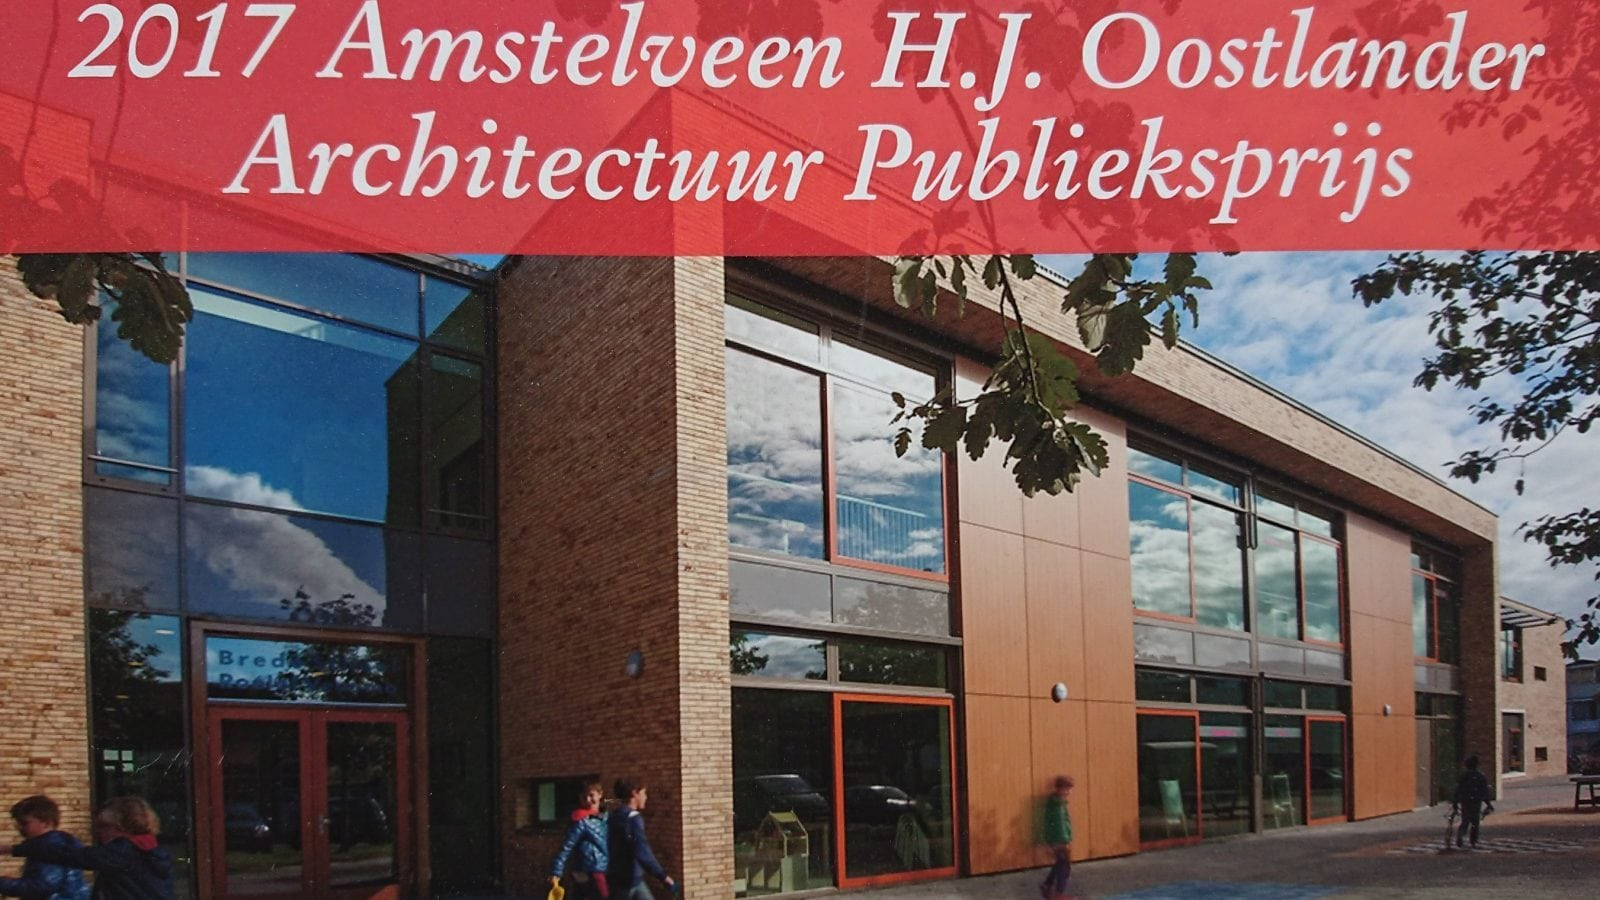 Oorkonde van de architectuurprijs Amstelveen voor Cita architecten voor het ontwerp van de Brede School Roelof Venema